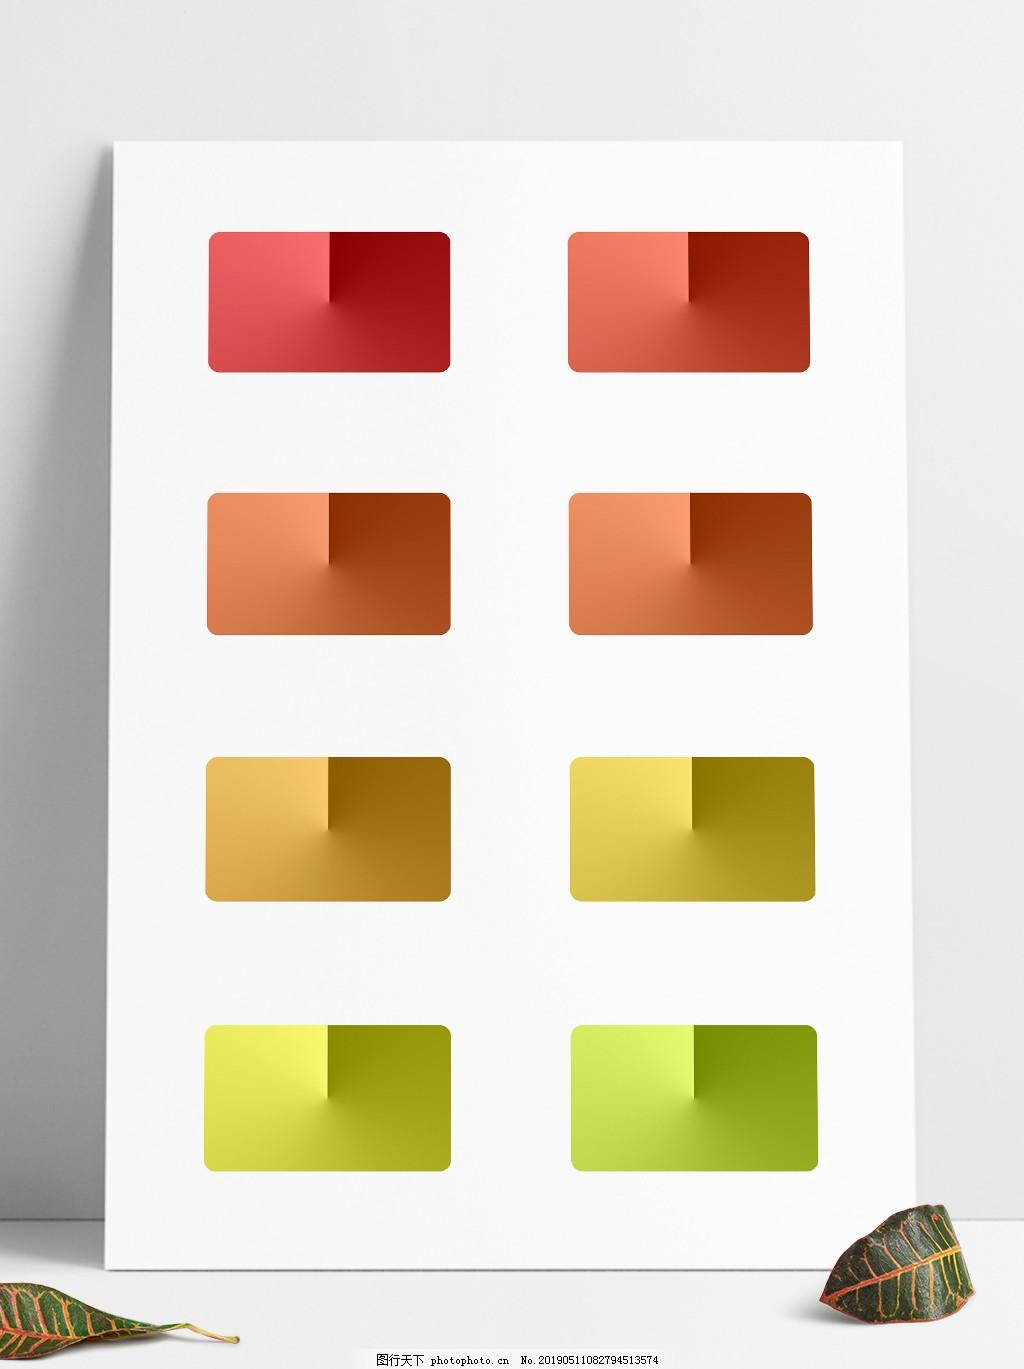 純色系ps工具漸變筆刷,色彩,模板